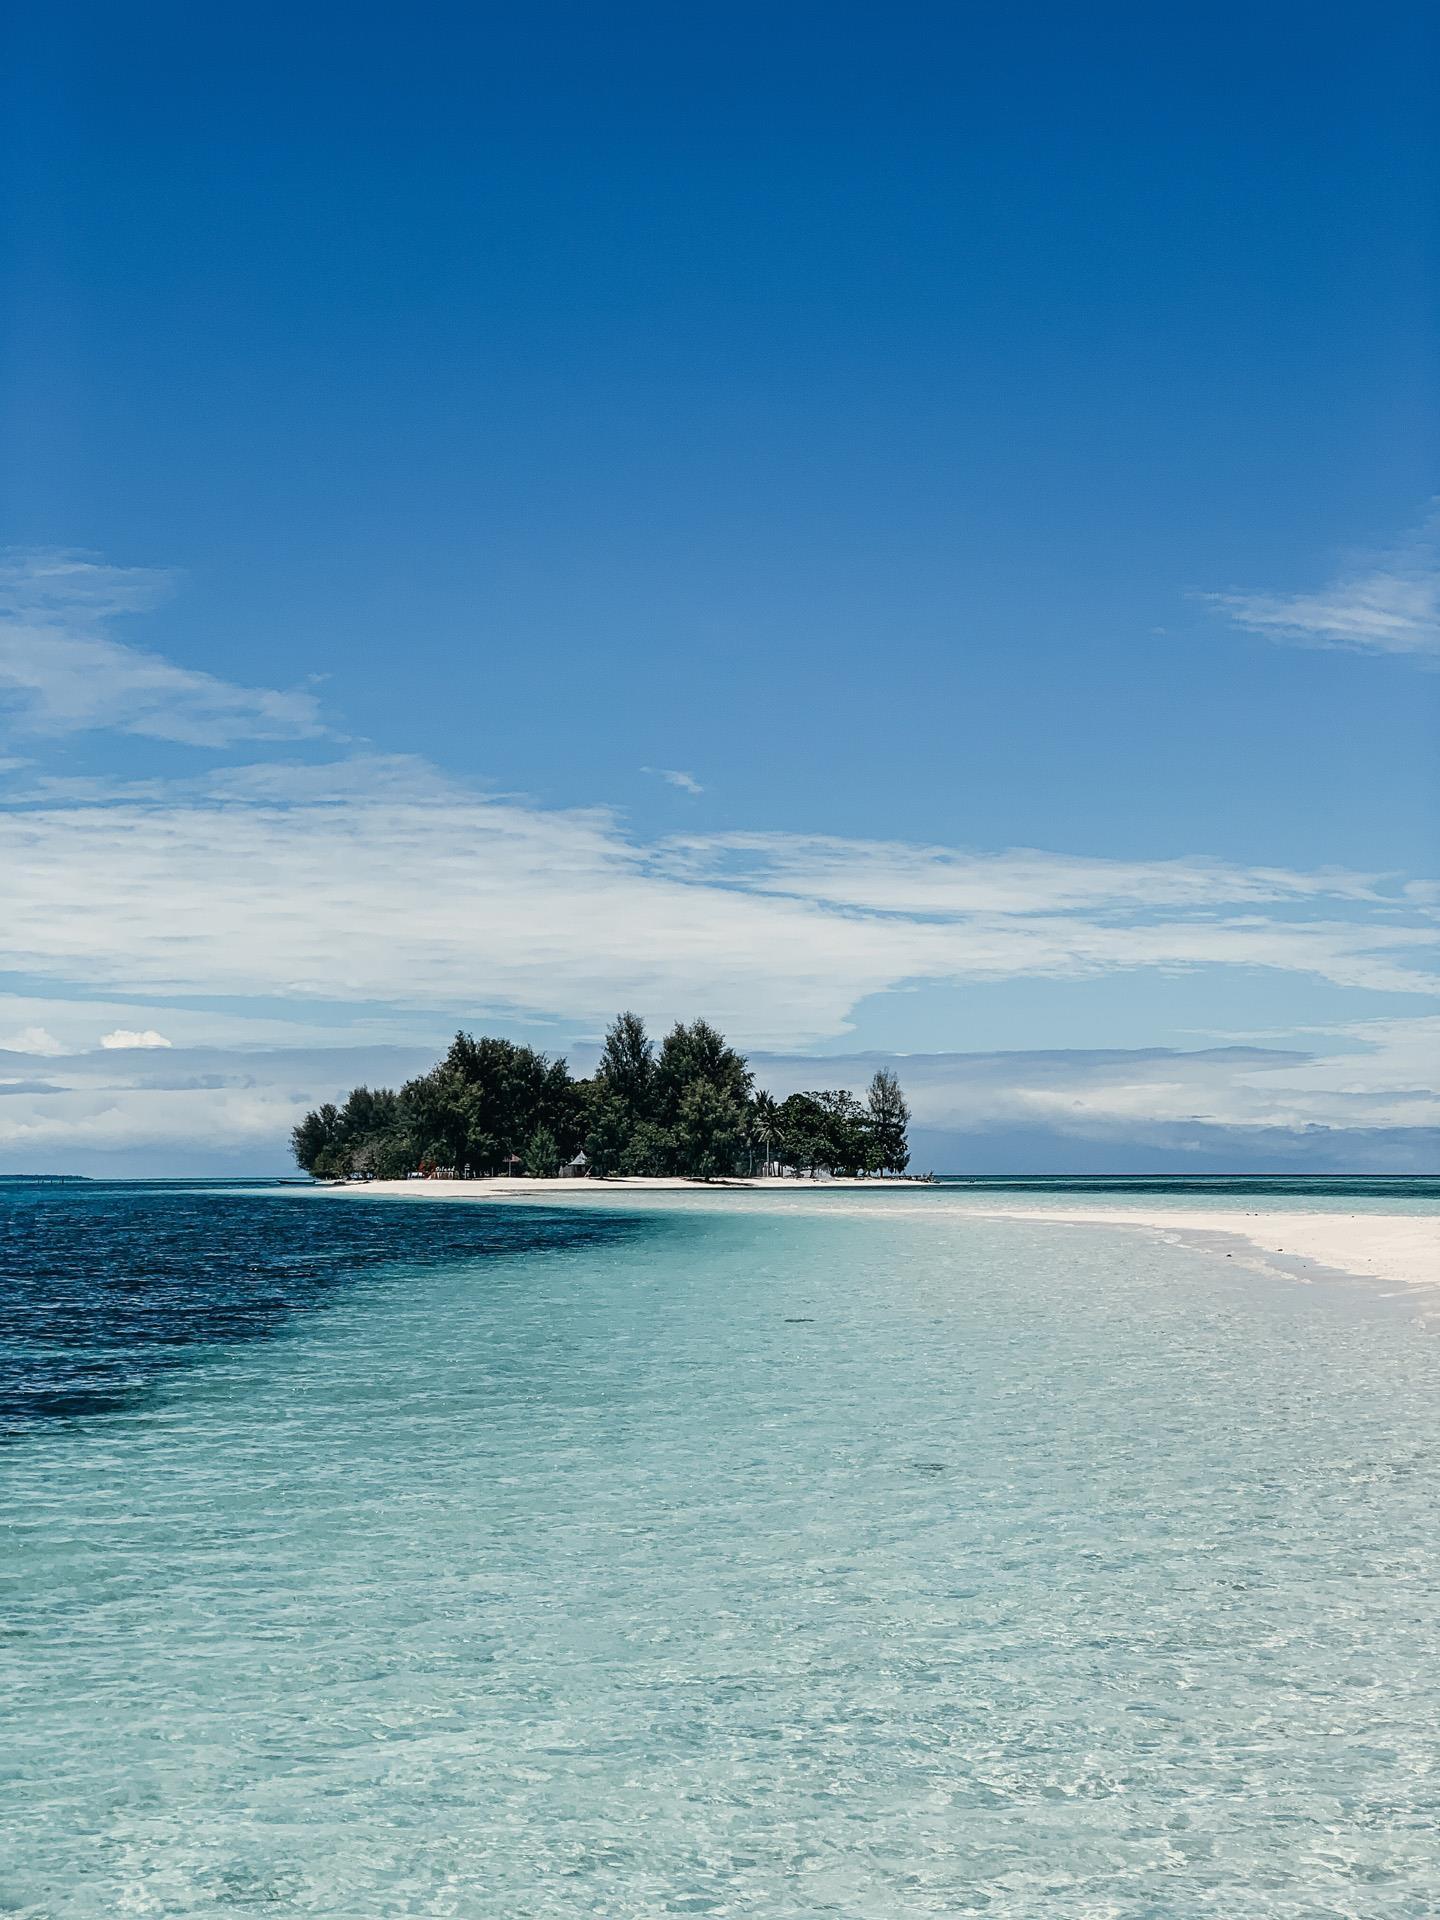 Dao Morotai, thien duong bien sap 'soan ngoi' Bali o Indonesia hinh anh 2